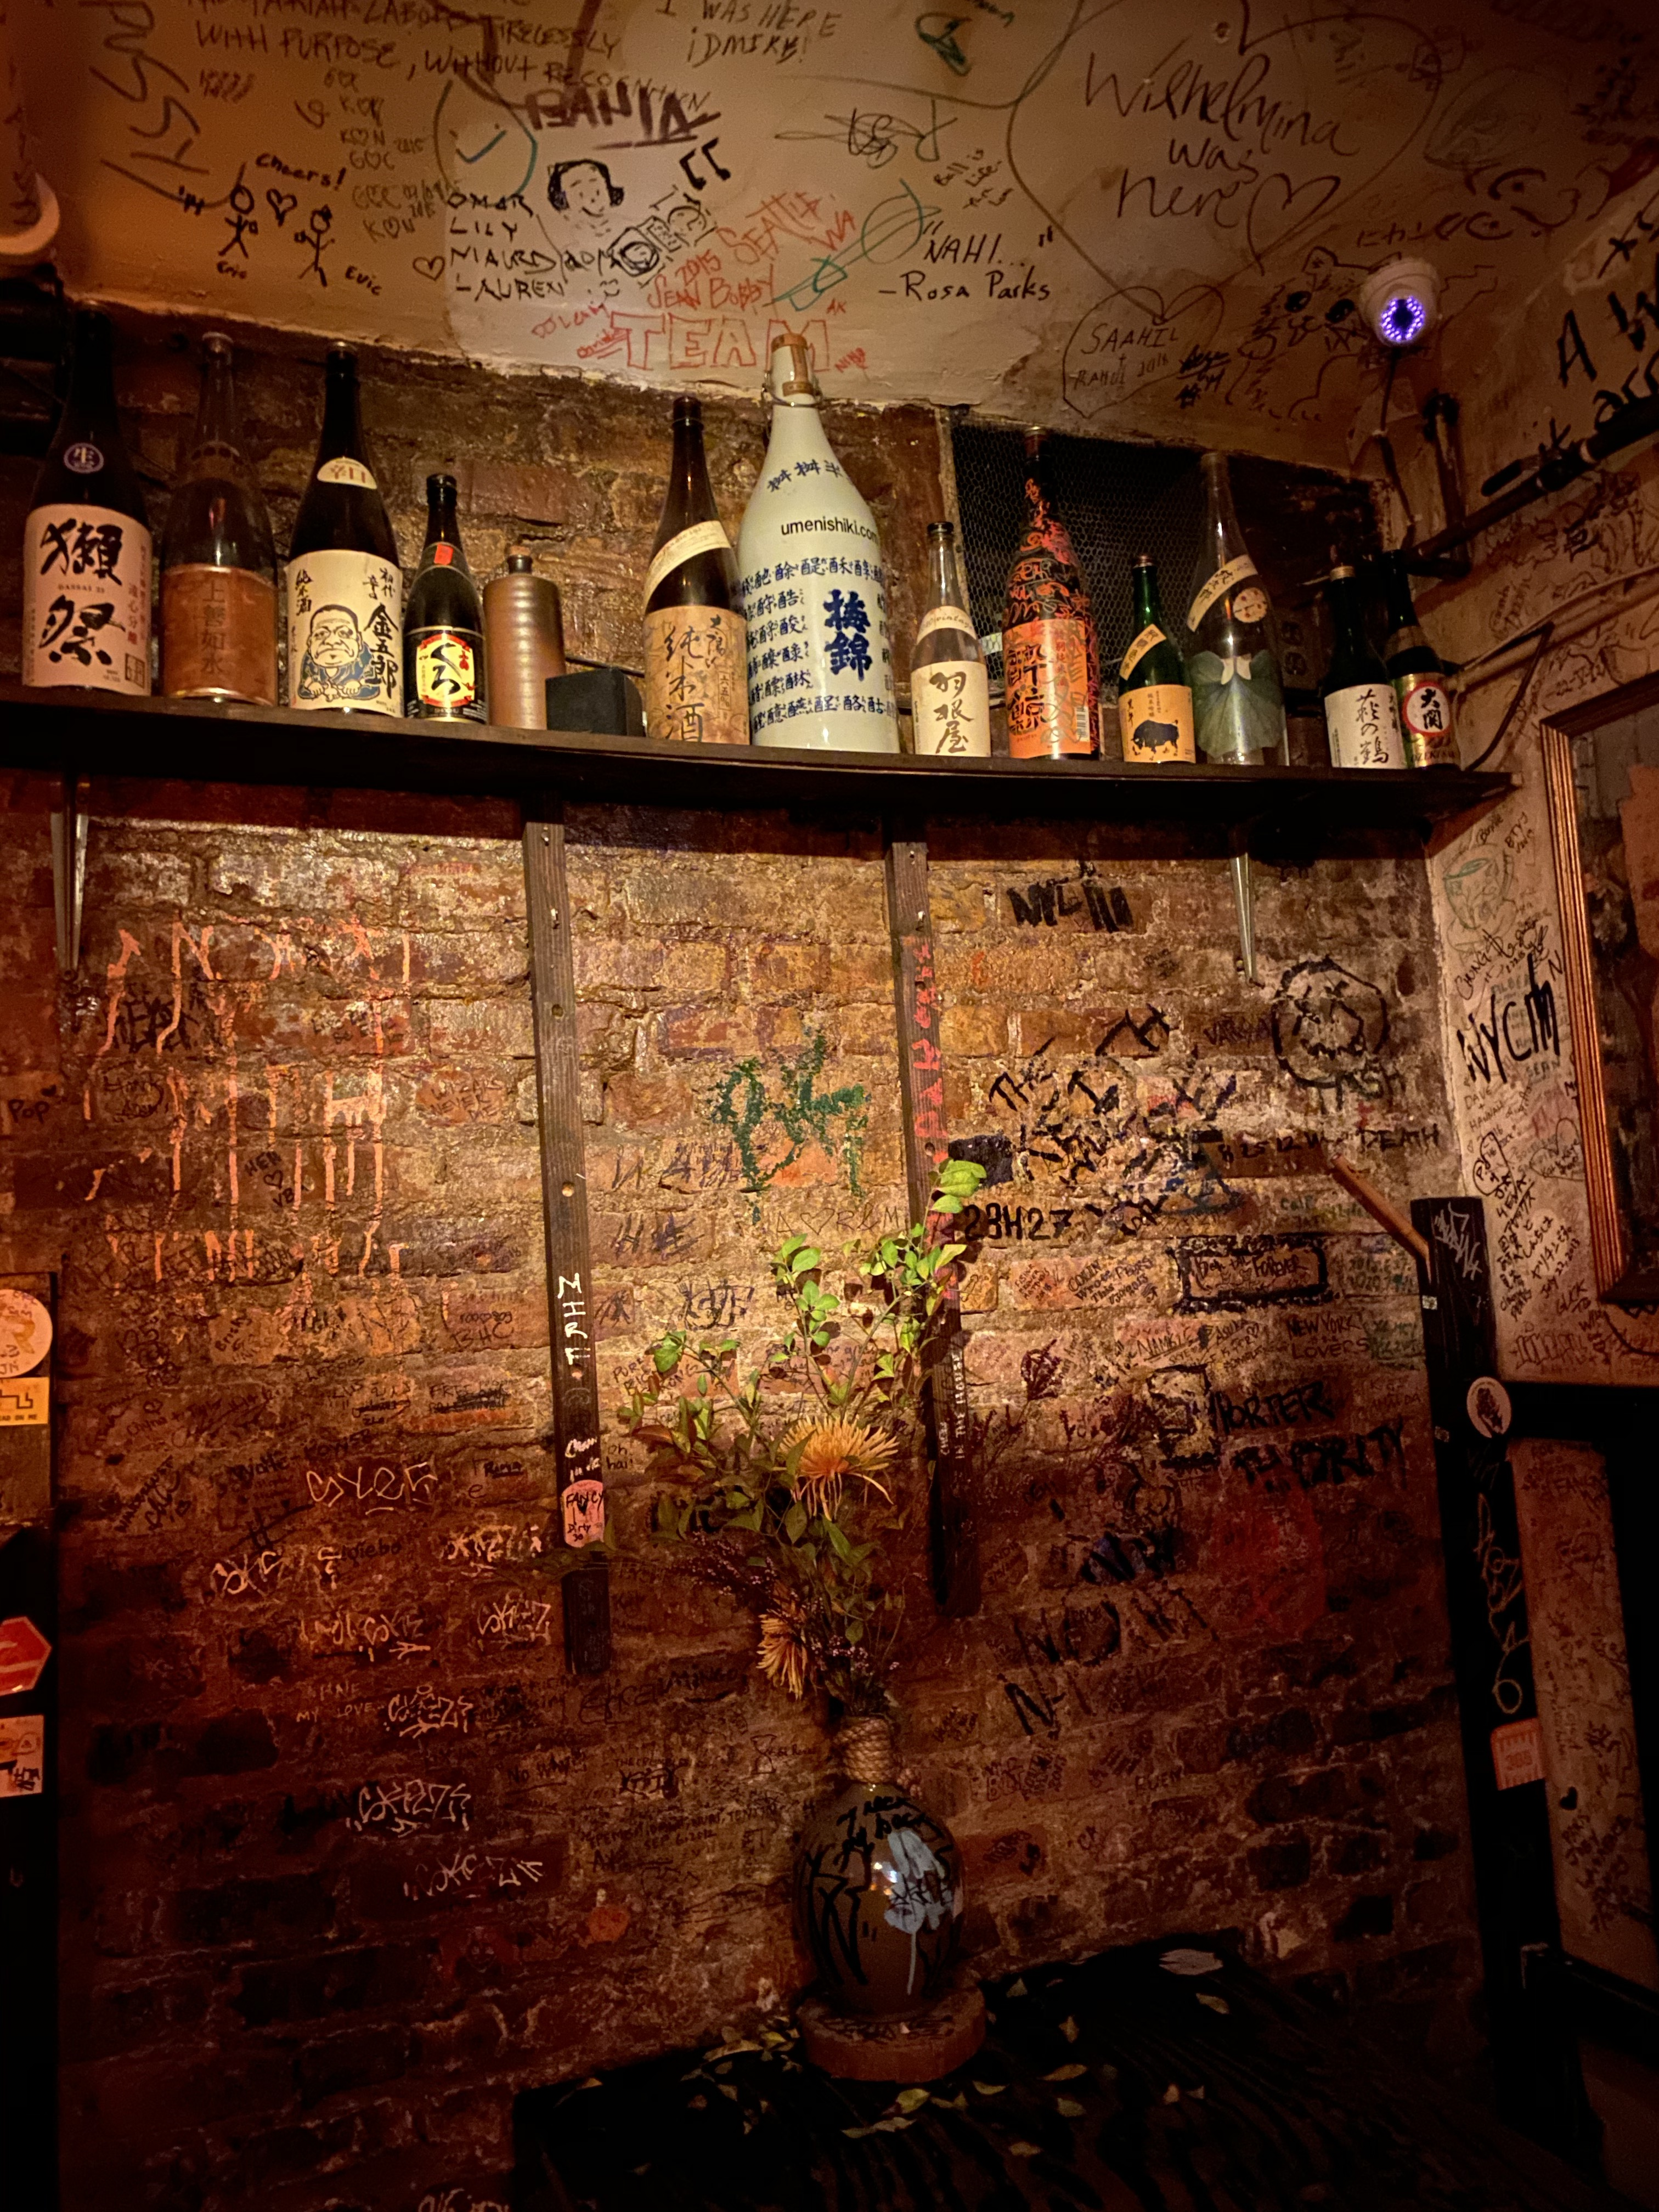 Shelf with sake bottles at Sake Bar Decibel